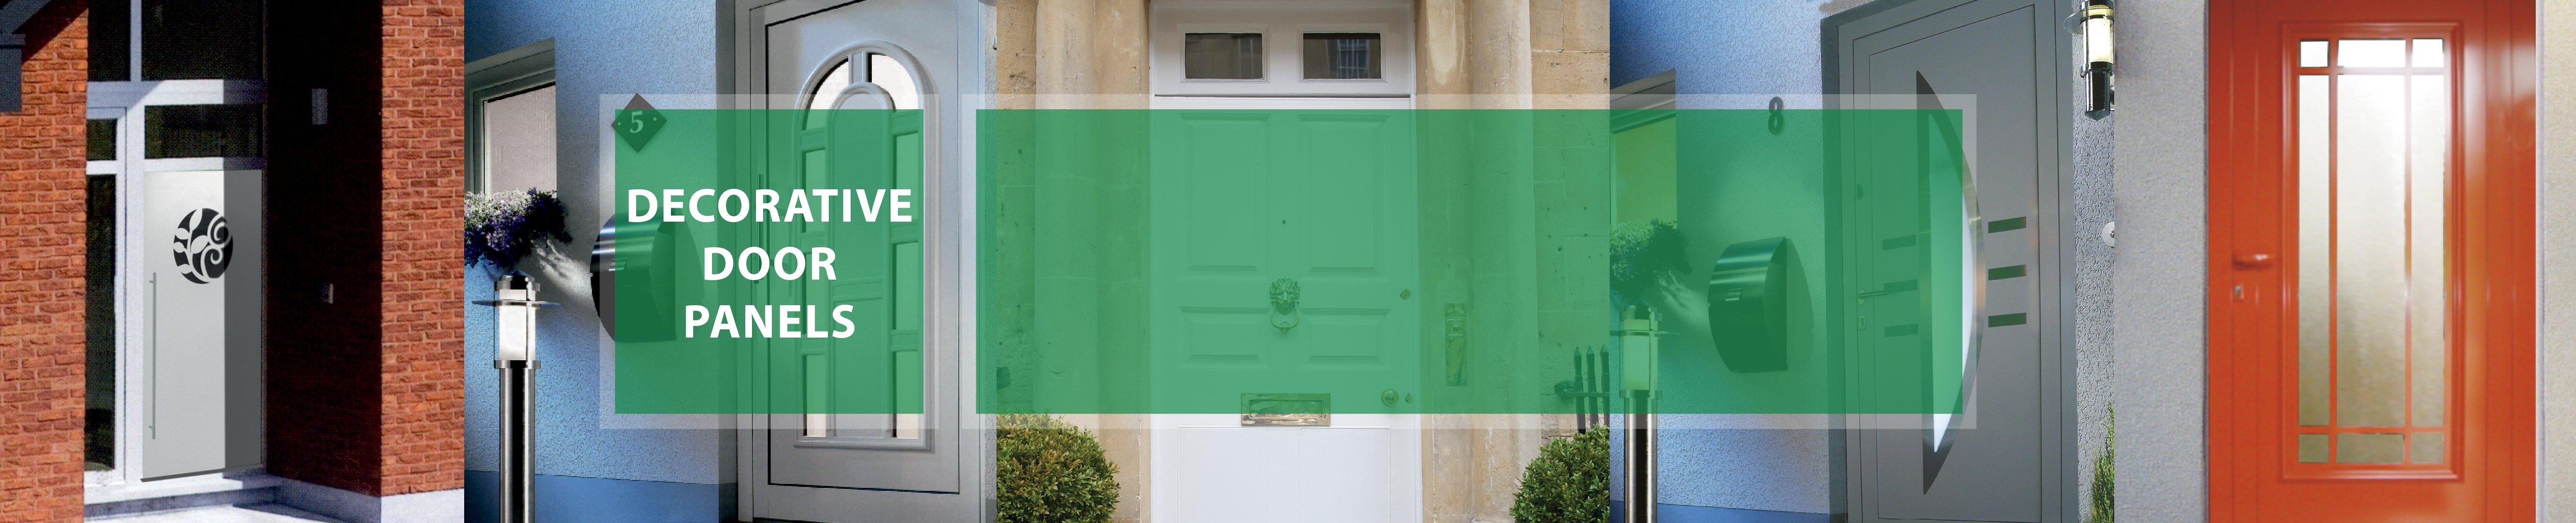 DECORATIVE-DOOR-PANELS2